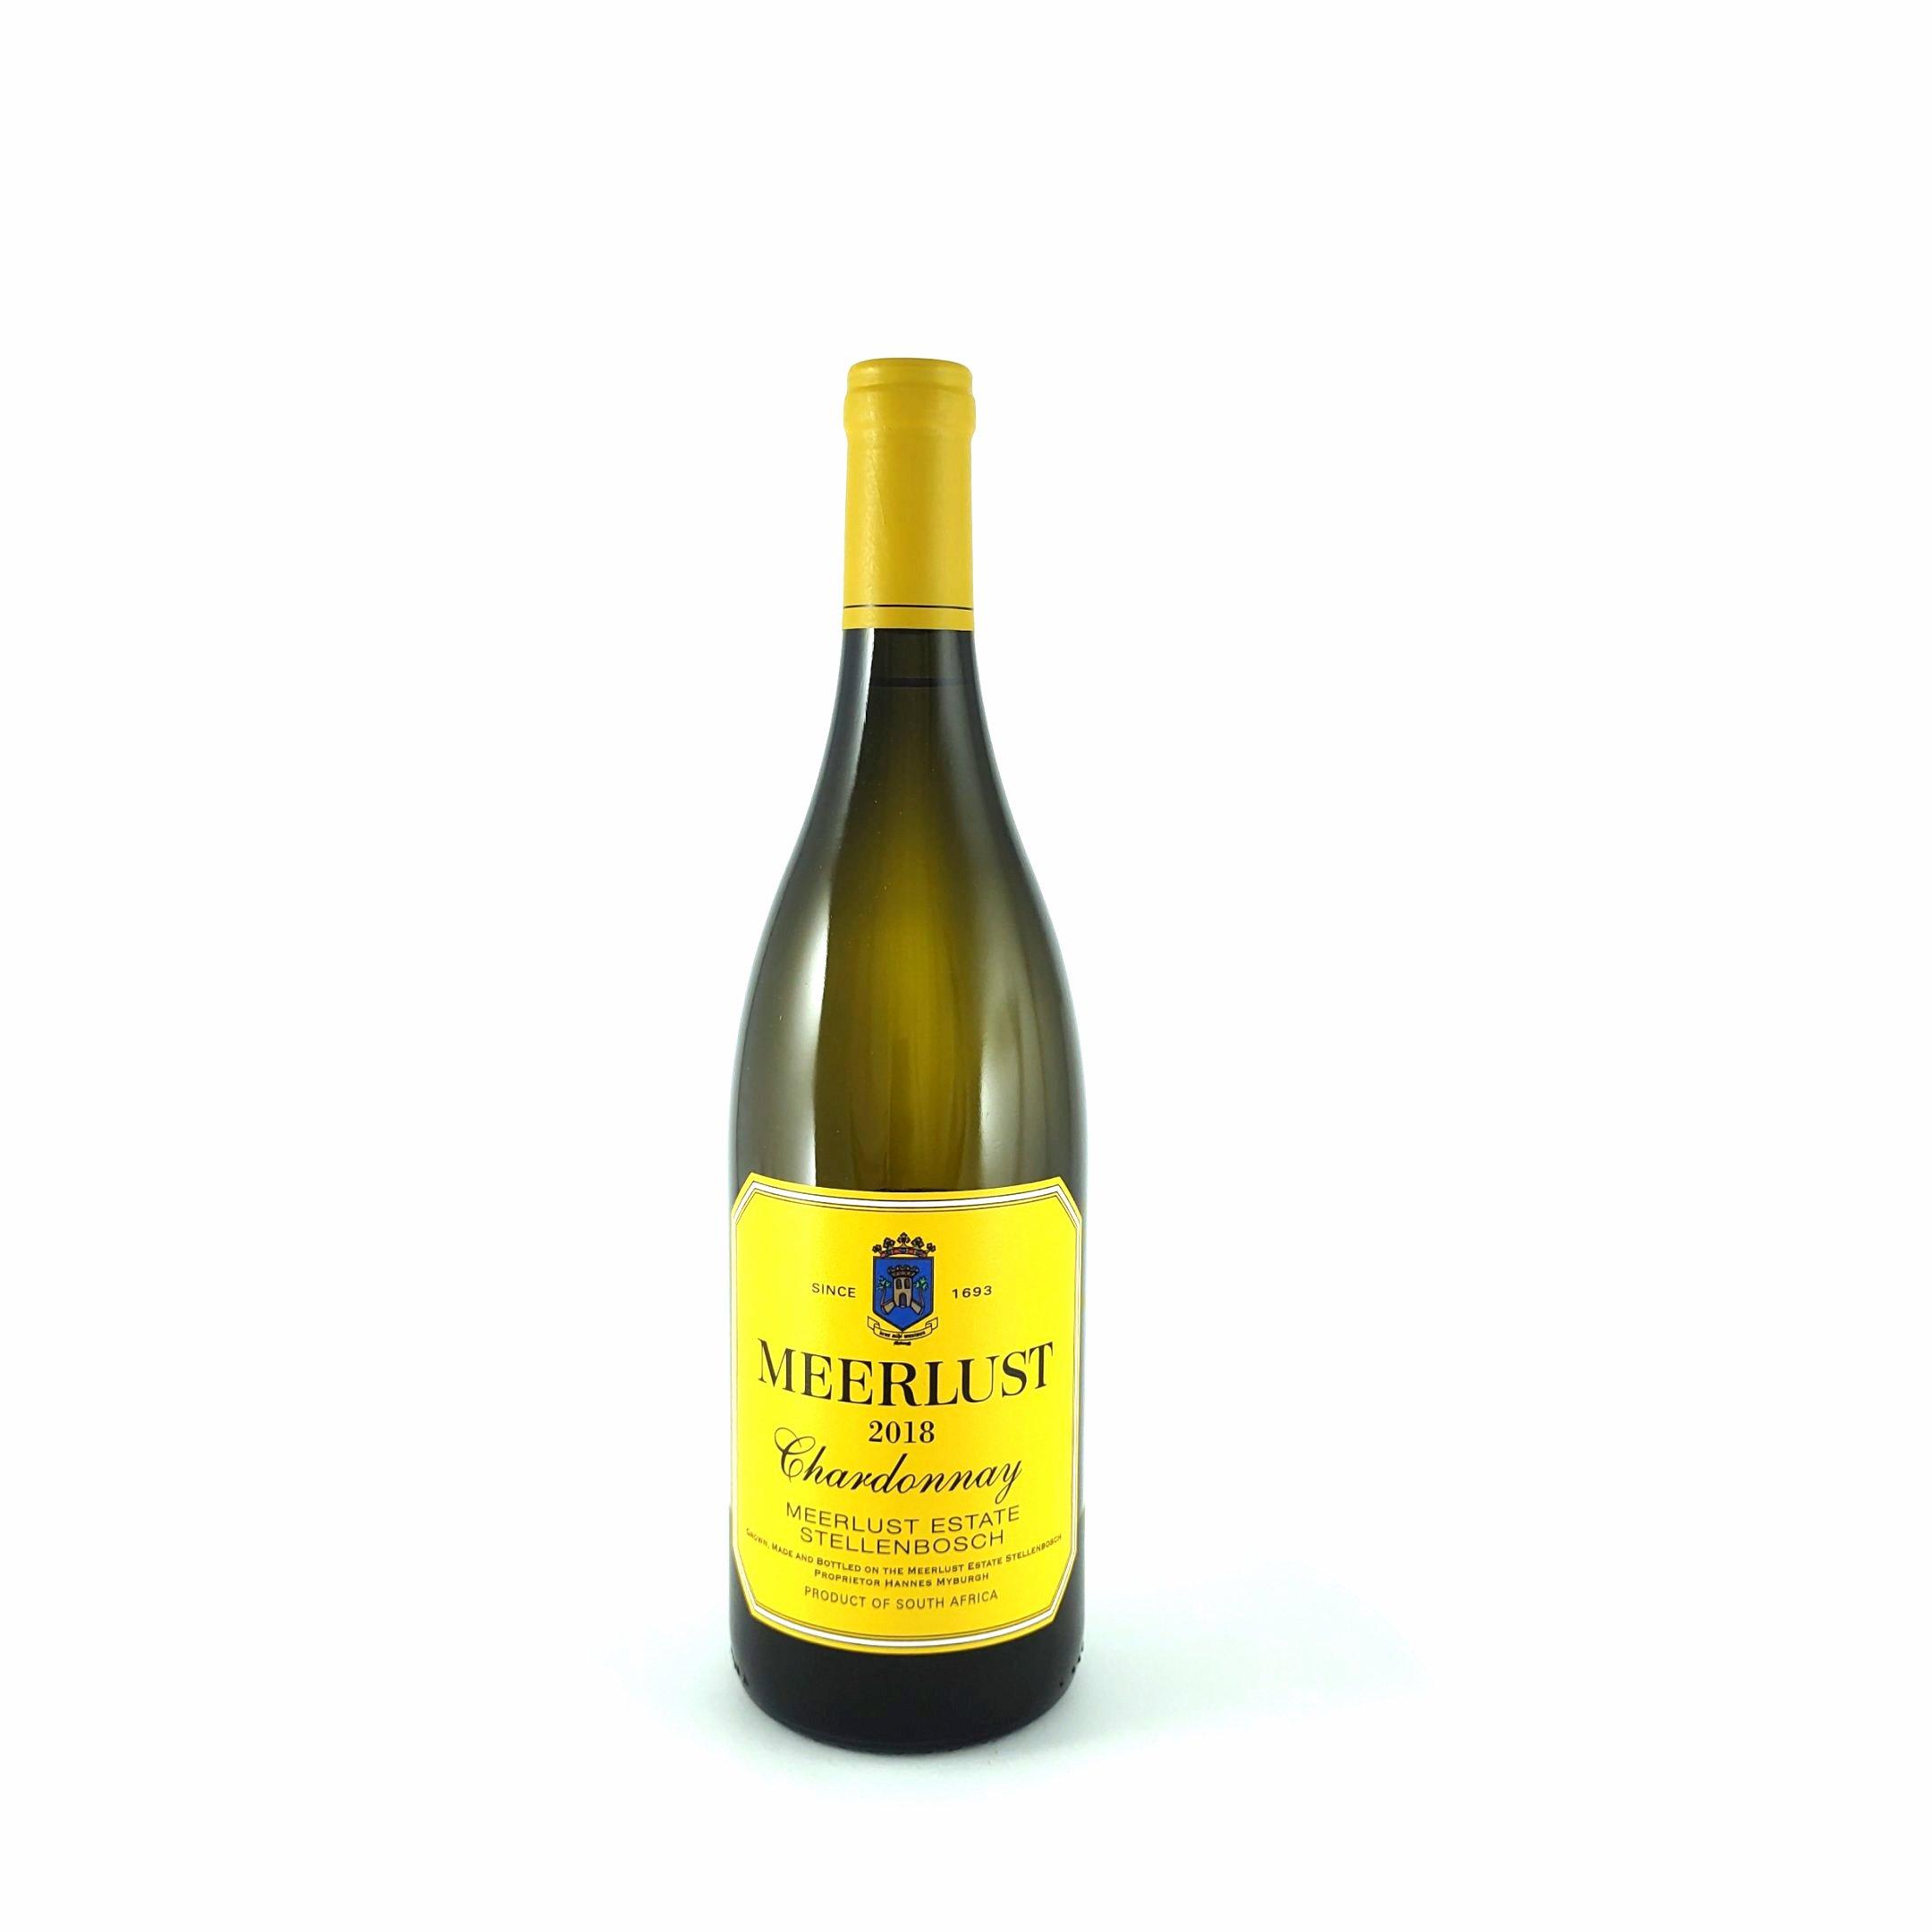 Meerlust – Chardonnay 2019